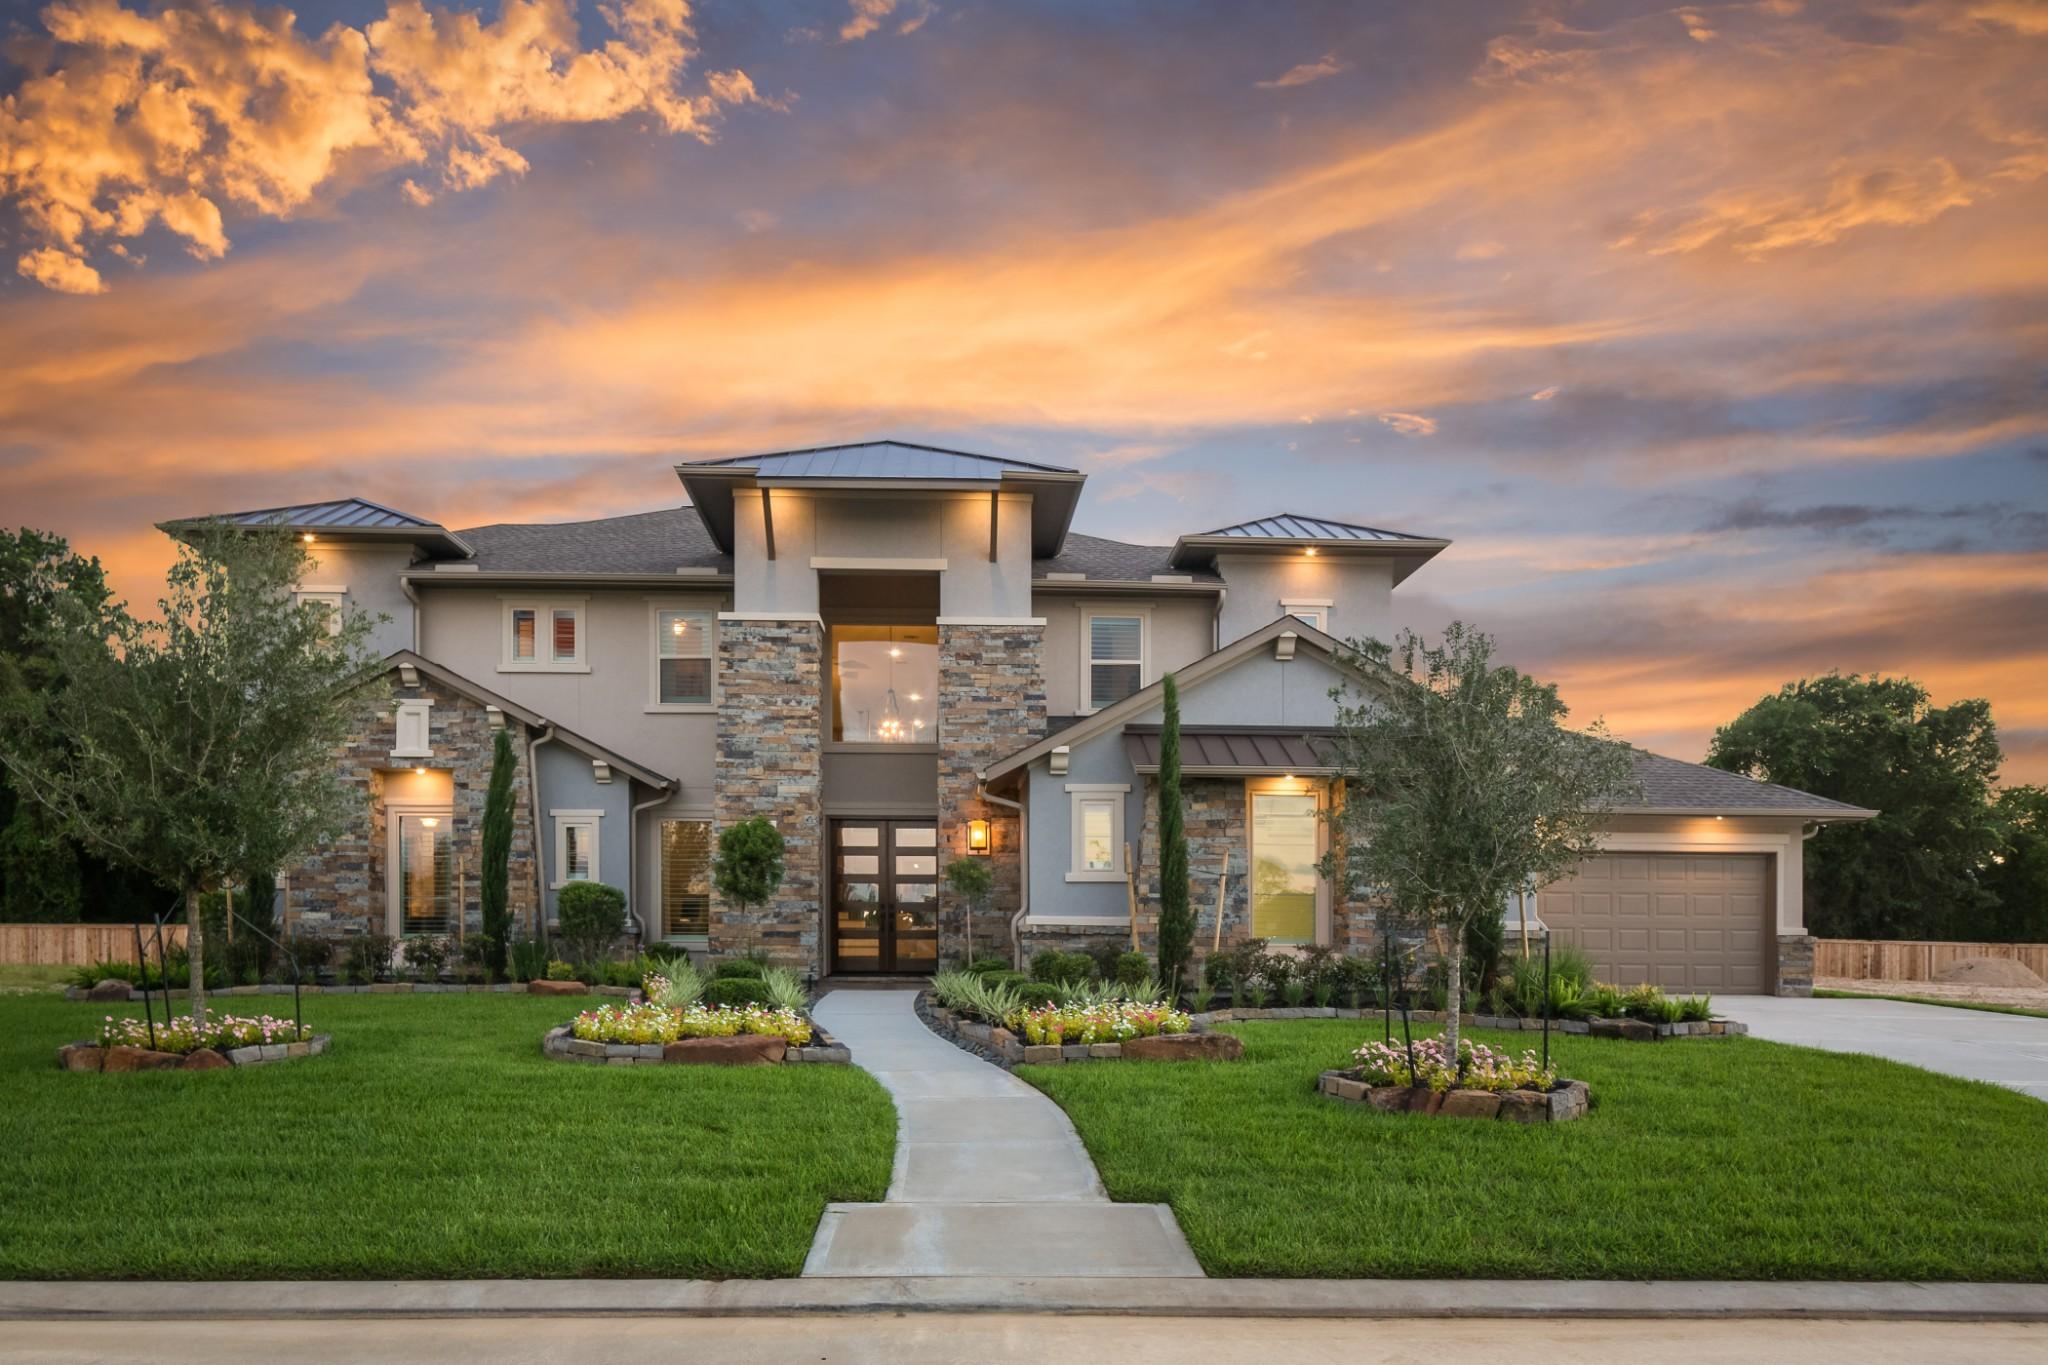 6079 Lookaway Circle -lot 136, Franklin, TN 37067 - Franklin, TN real estate listing